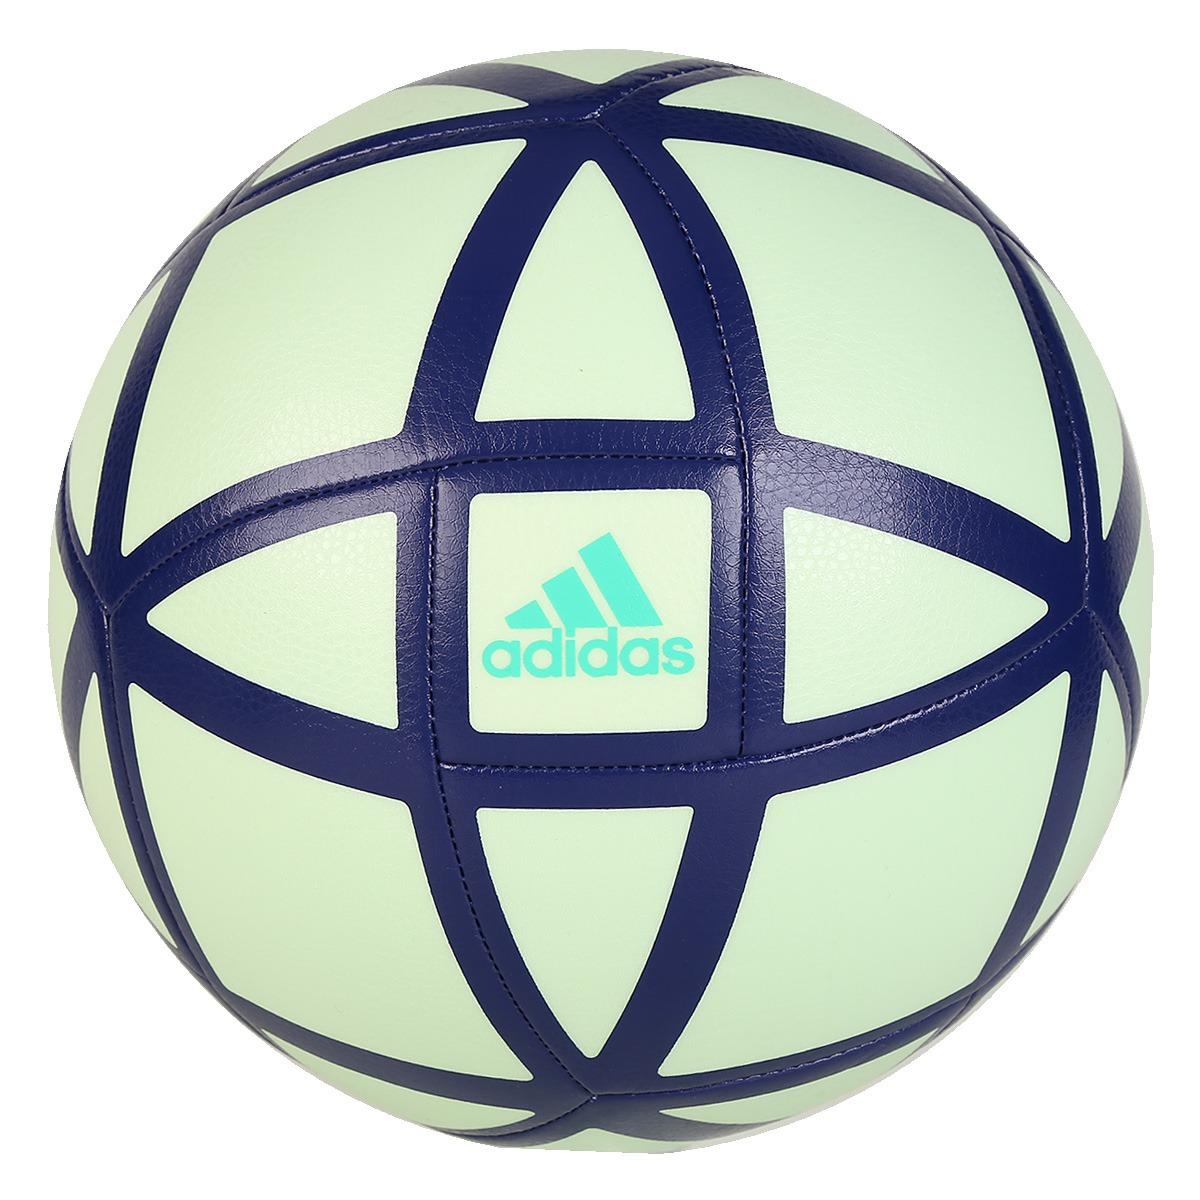 bola futebol campo adidas glider - verde e azul. Carregando zoom. 1b1a16e45baa7